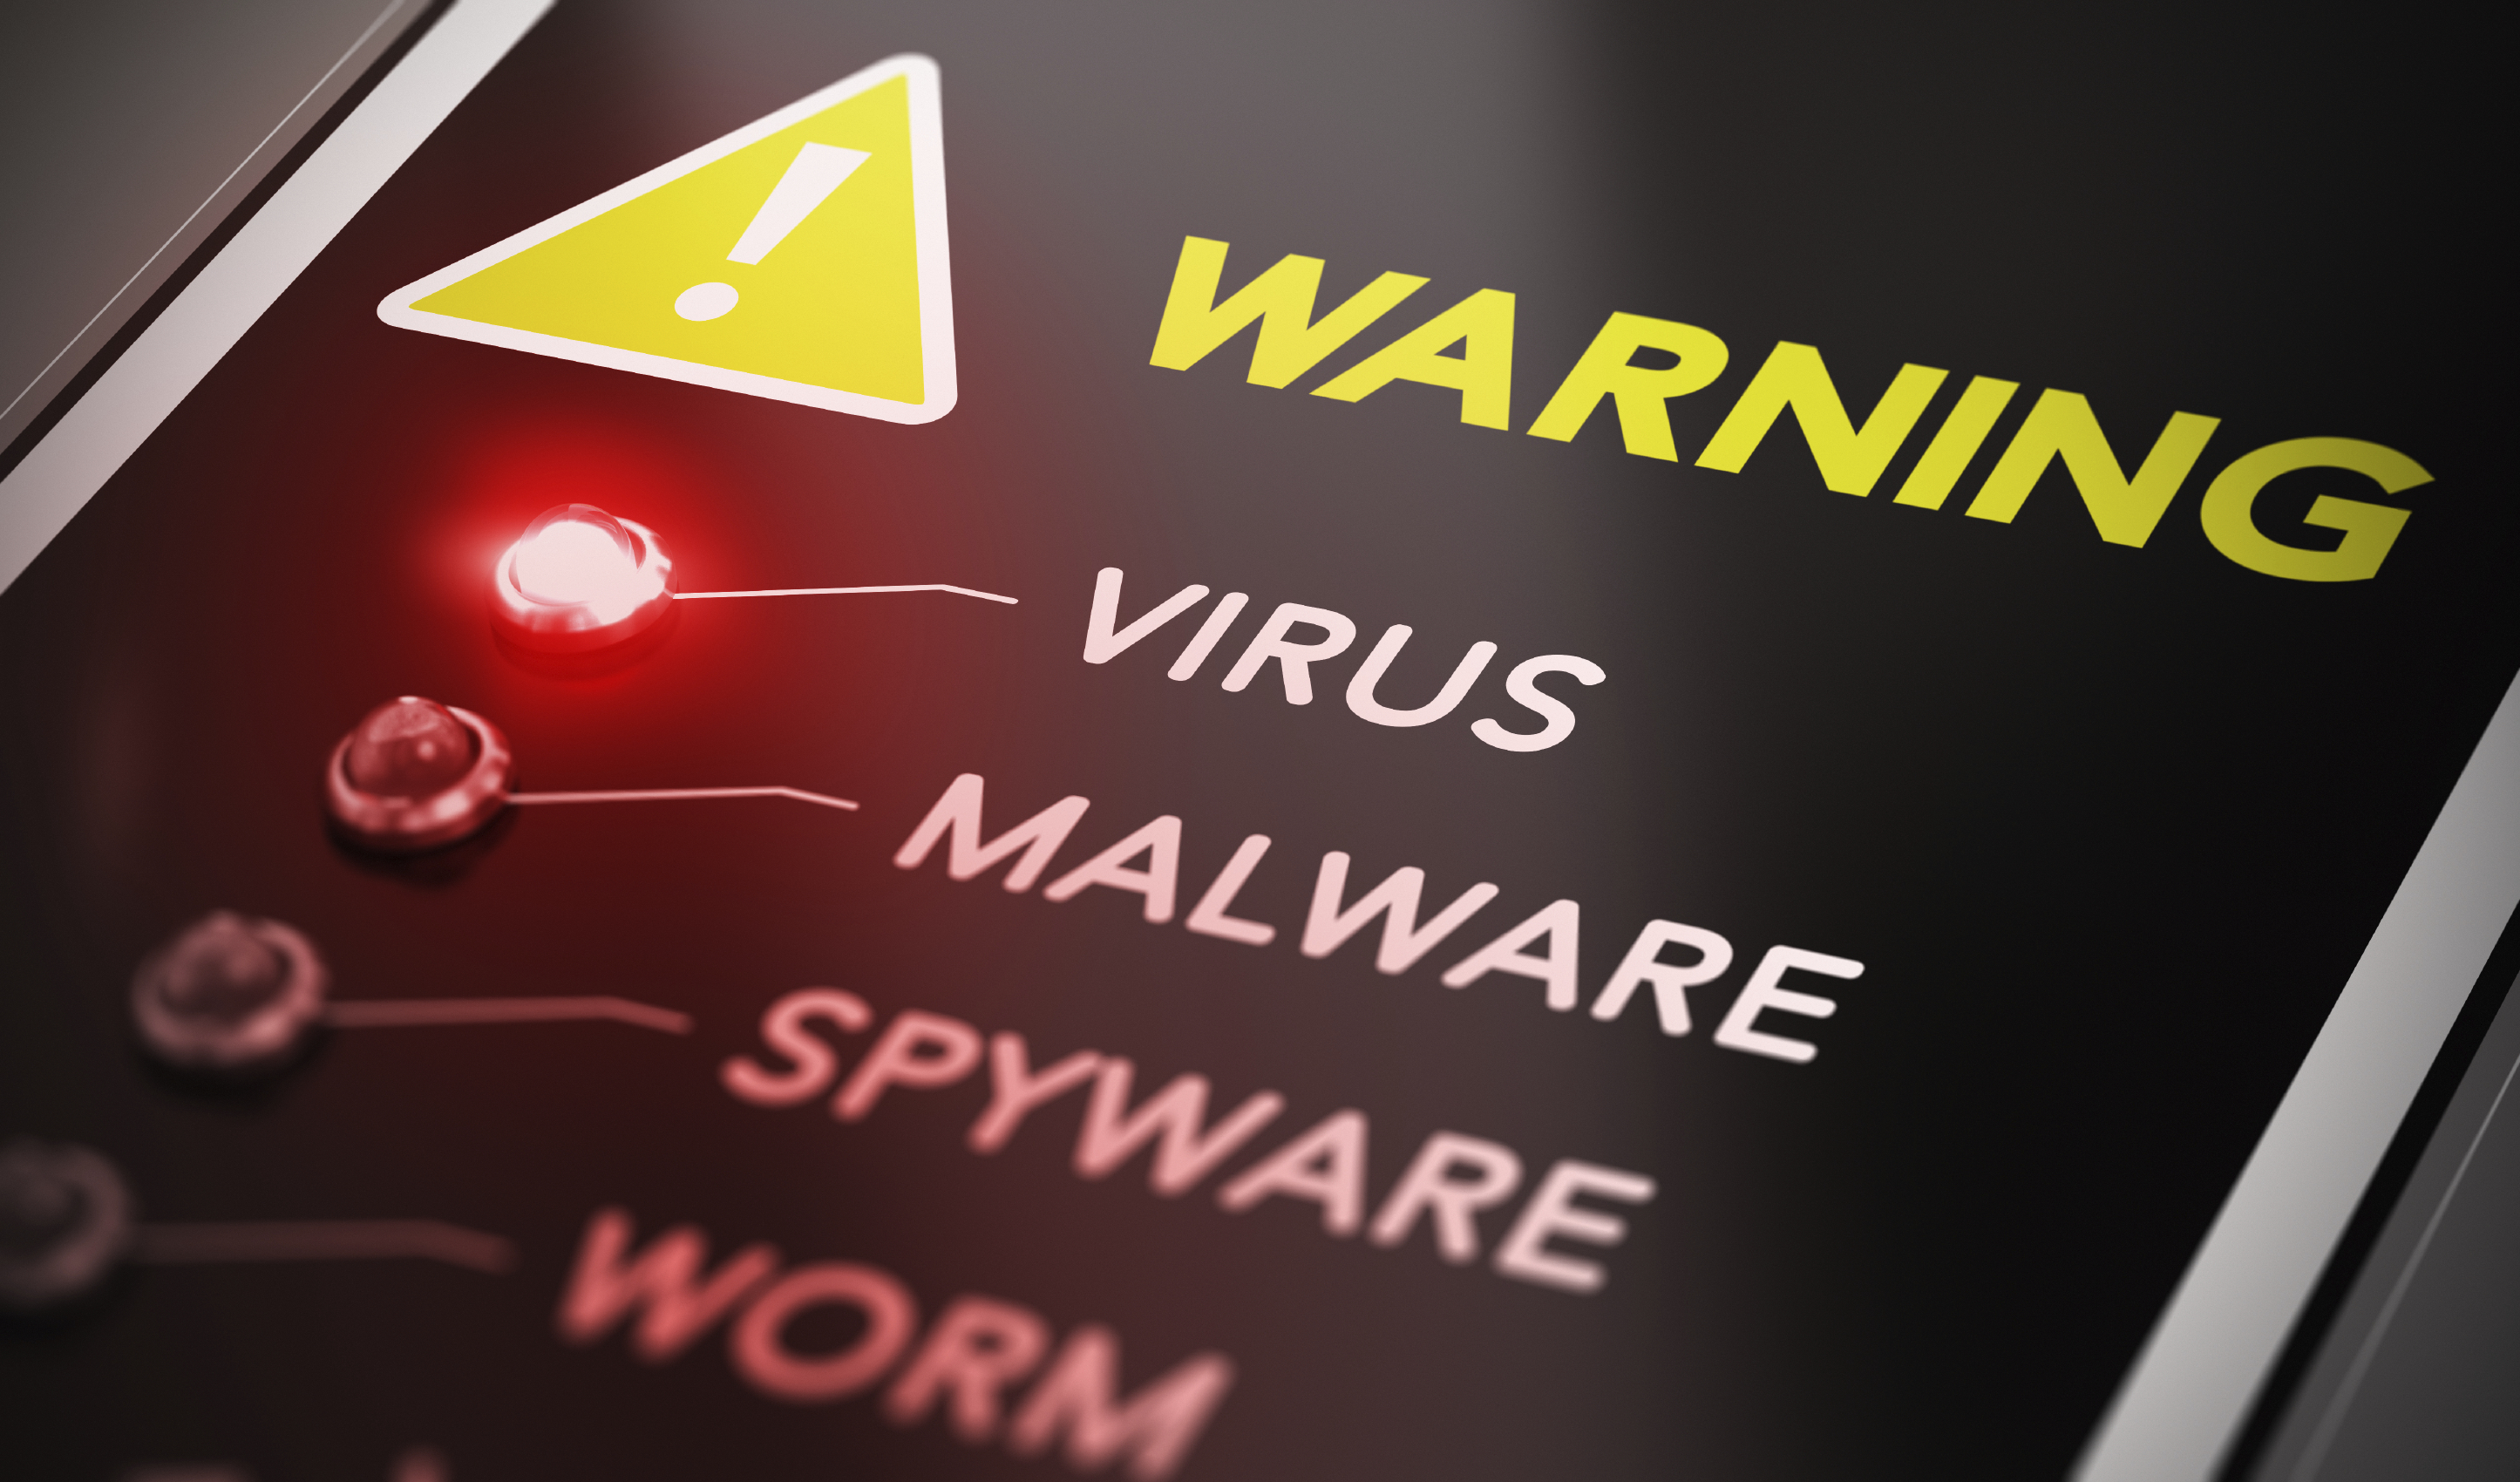 Virus và sâu độc là những phần mềm độc hại cực kỳ nguy hiểm